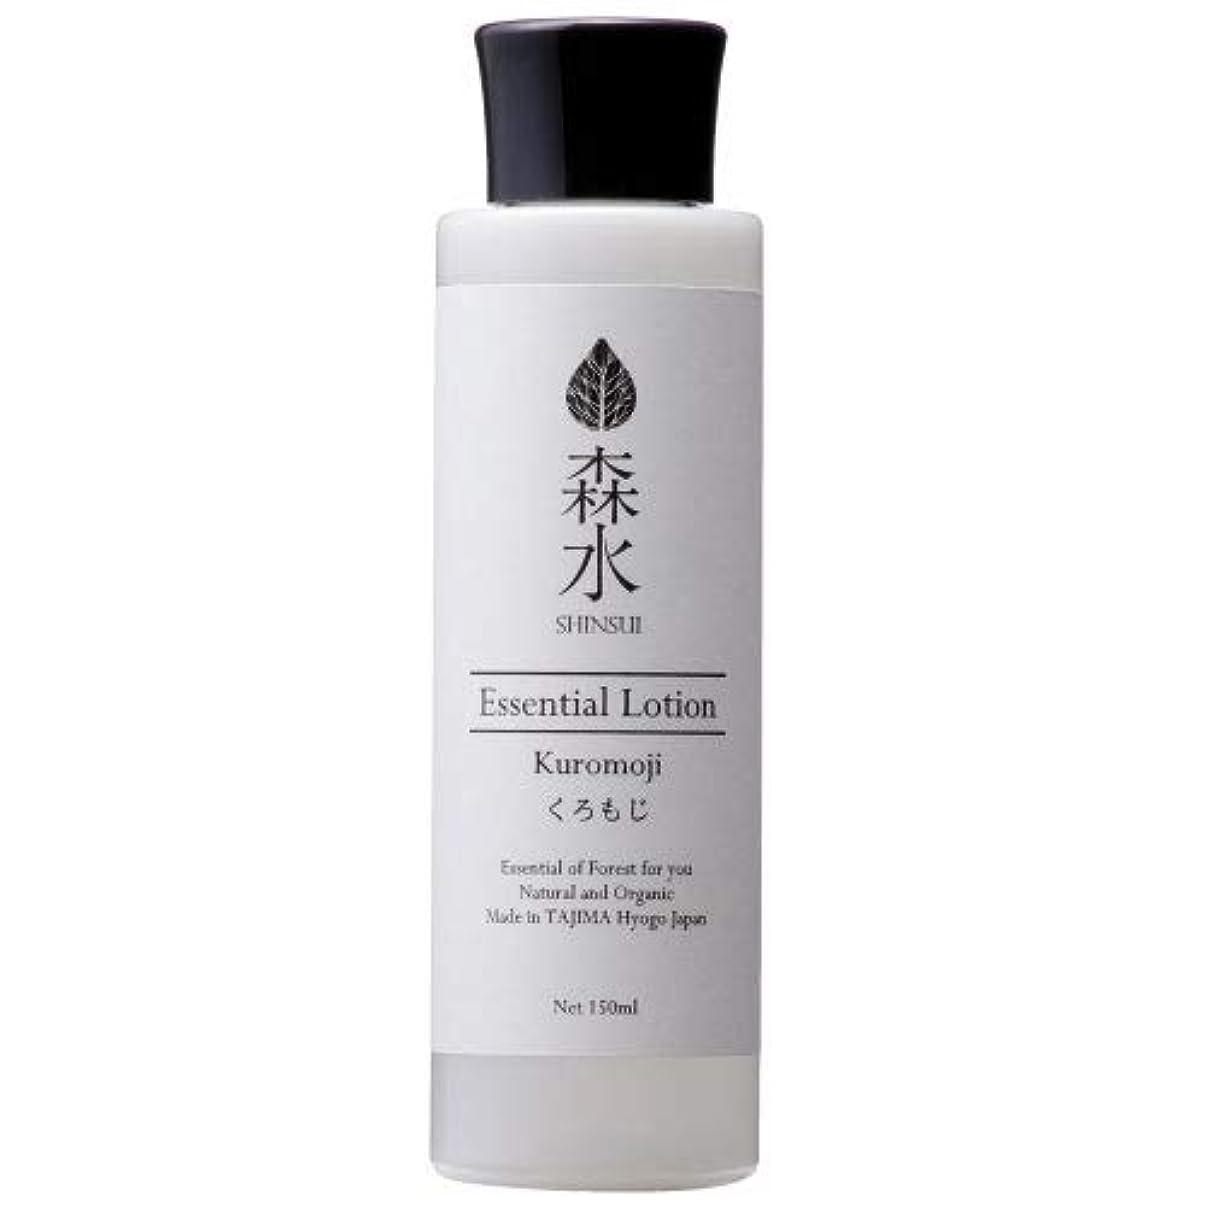 ペチコートオペラ工夫する森水-SHINSUI シンスイ-くろもじ化粧水(Kuromoji Essential Lotion)150ml